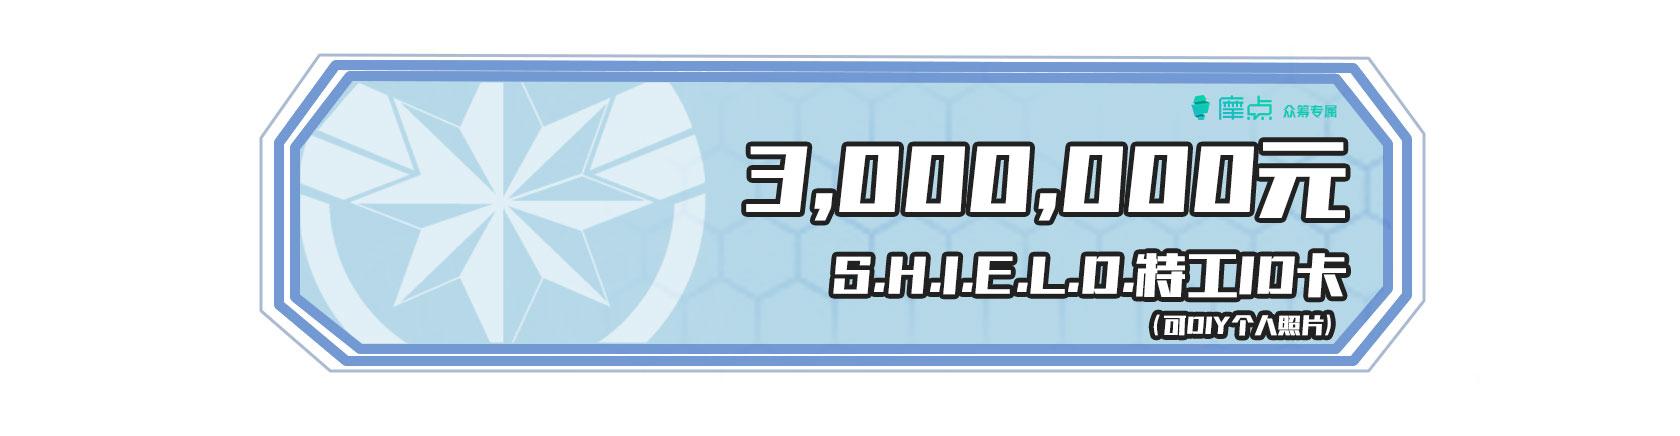 300万成功解锁.jpg